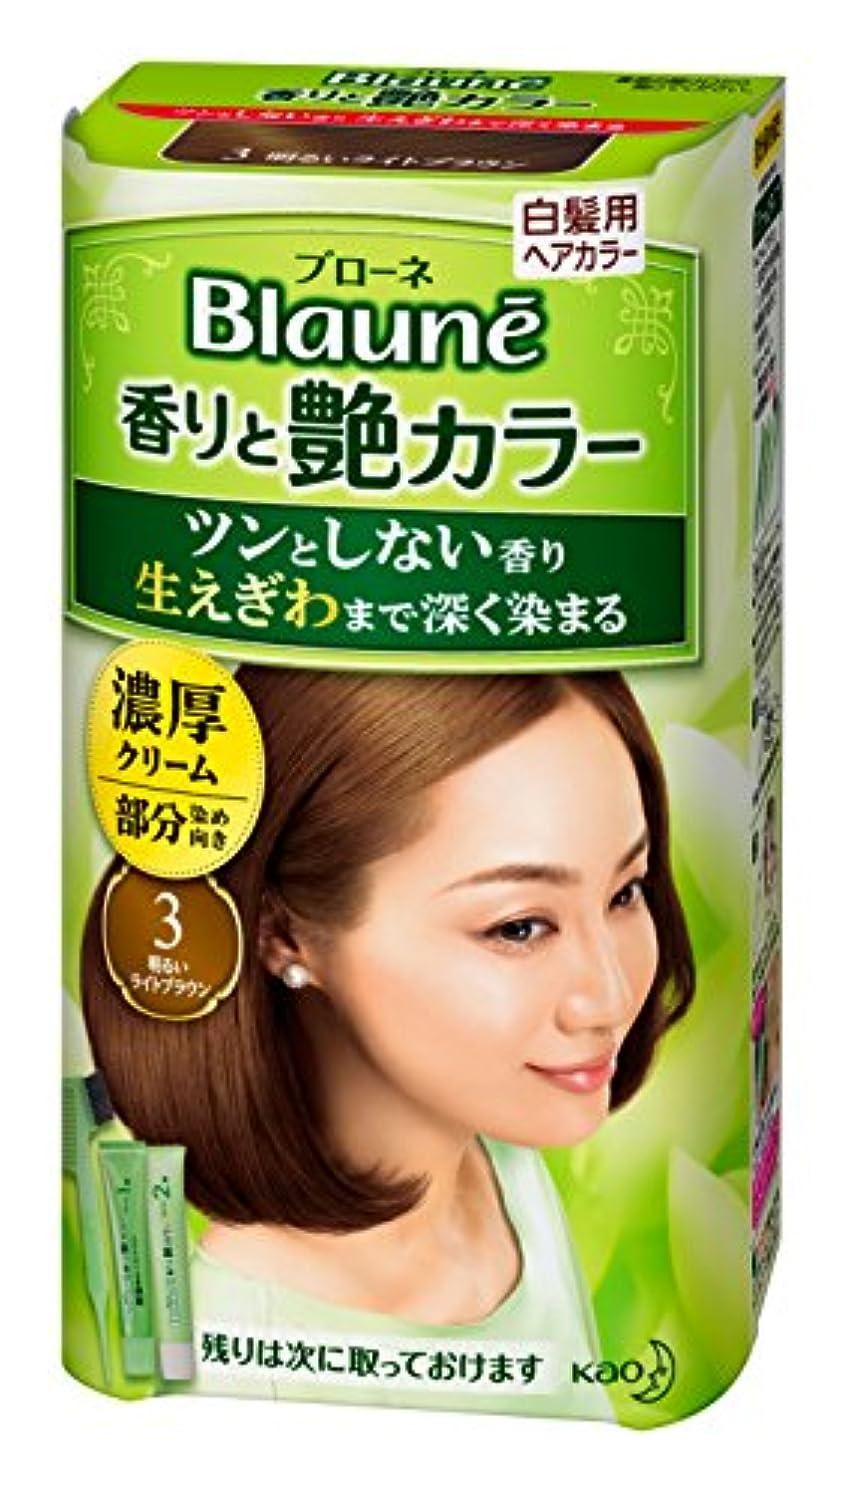 絶妙咲く定数ブローネ 香りと艶カラークリーム 3 80g